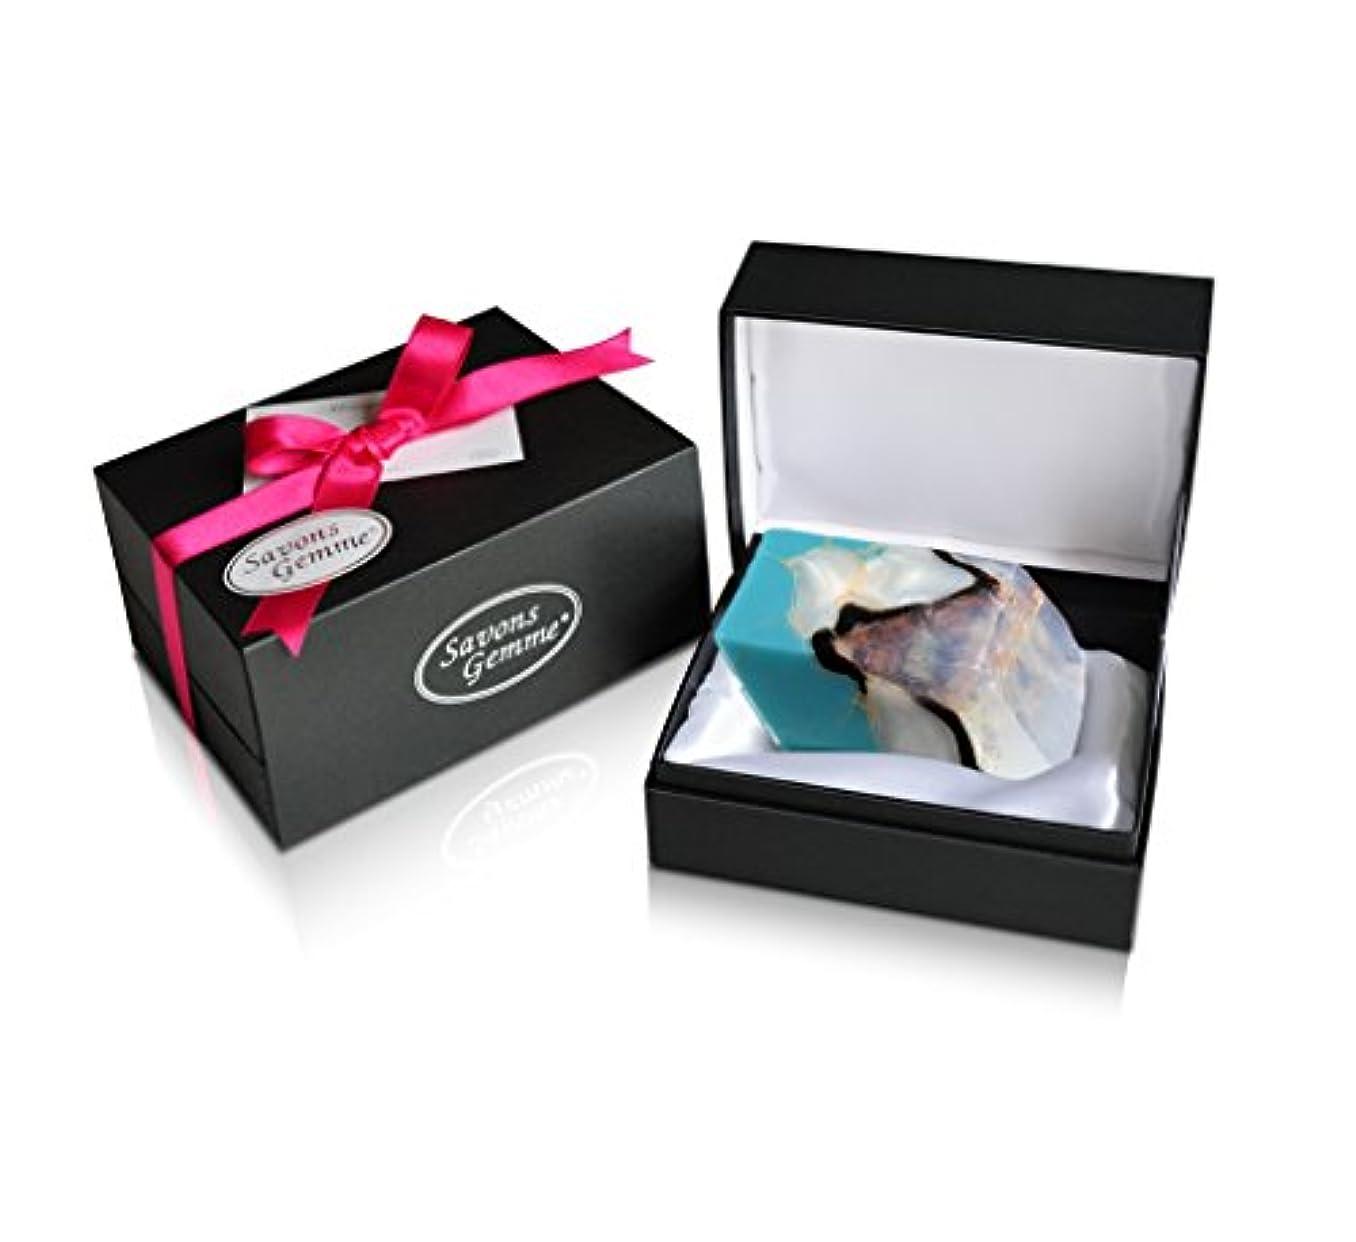 排他的吸収ベッツィトロットウッドSavons Gemme サボンジェム ジュエリーギフトボックス 世界で一番美しい宝石石鹸 フレグランス ソープ ターコイズ 170g